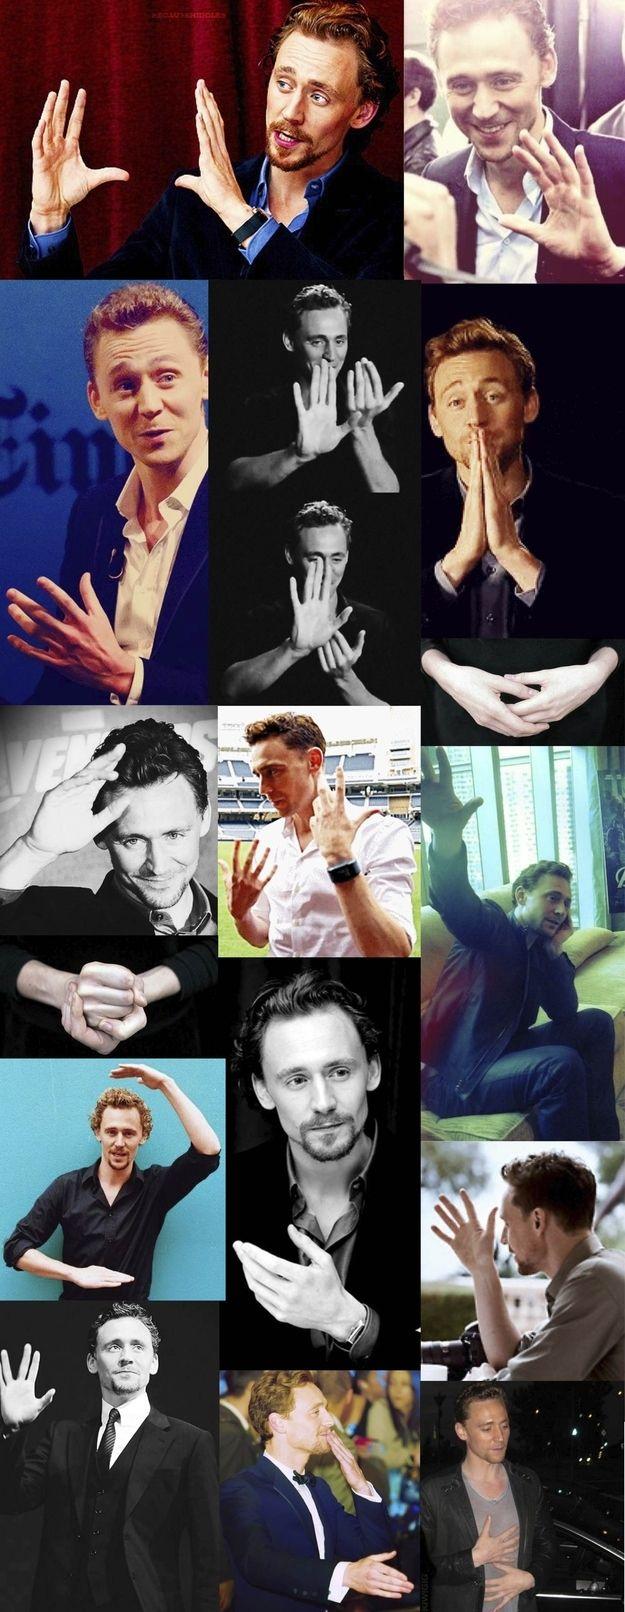 Tom's hands